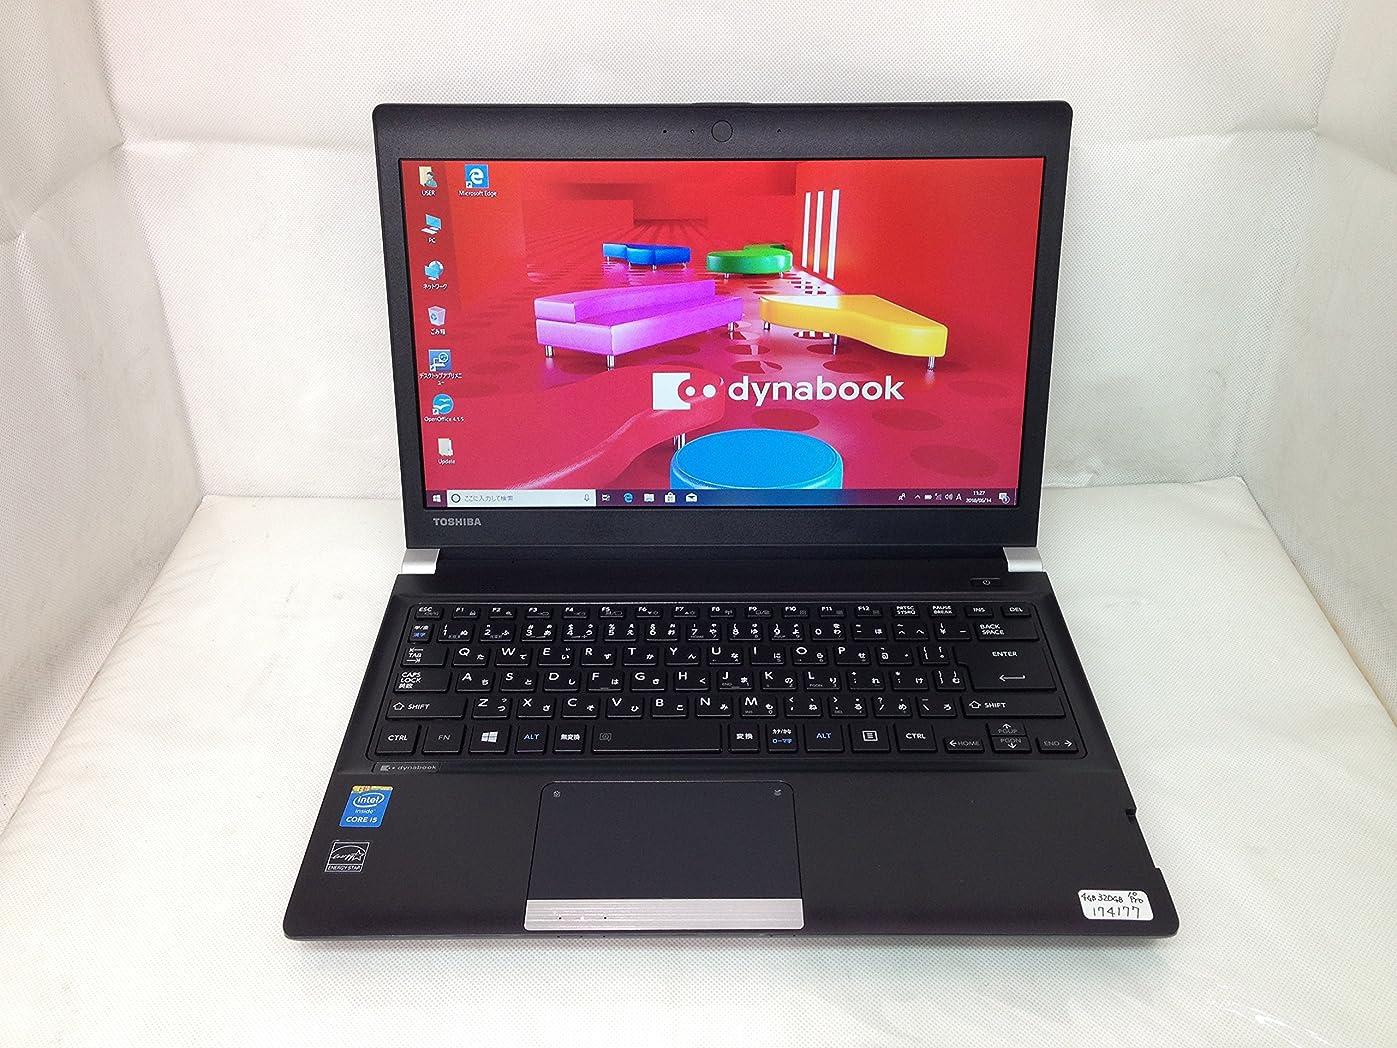 うっかり成り立つエンジニアリング【中古】 東芝 Dynabook R734/M ノートパソコン Core i5 4310M 2.7GHz メモリ4GB HDD320GB DVDスーパーマルチ 13インチ Windows10 Professional 64bit PR734MAA1R7JD31